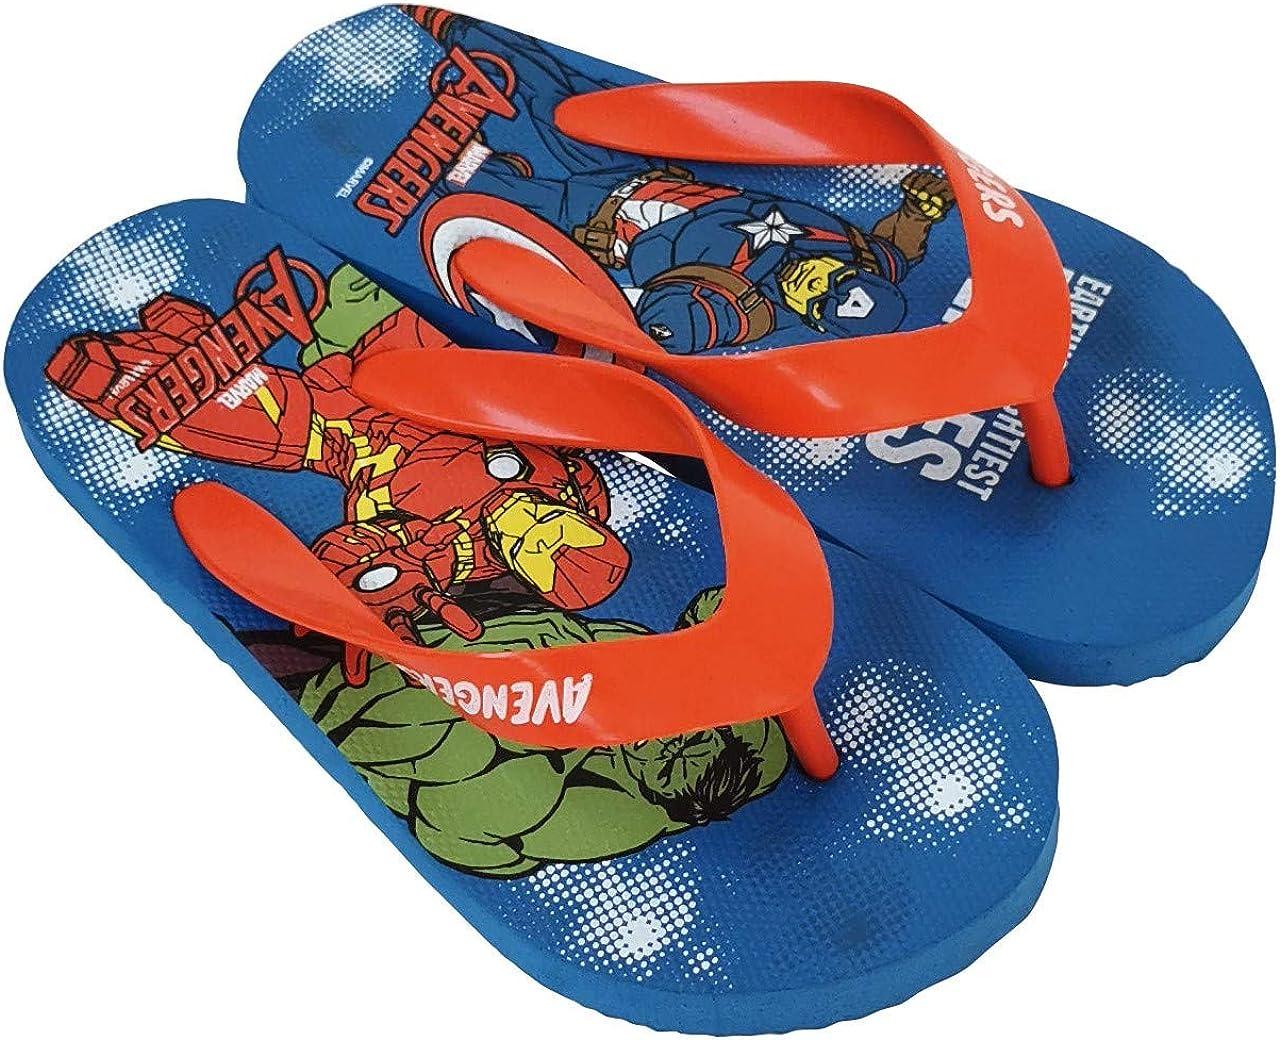 Flip-Flop Avengers Marvel per bambini Infradito Avengers Marvel per spiaggia o piscina